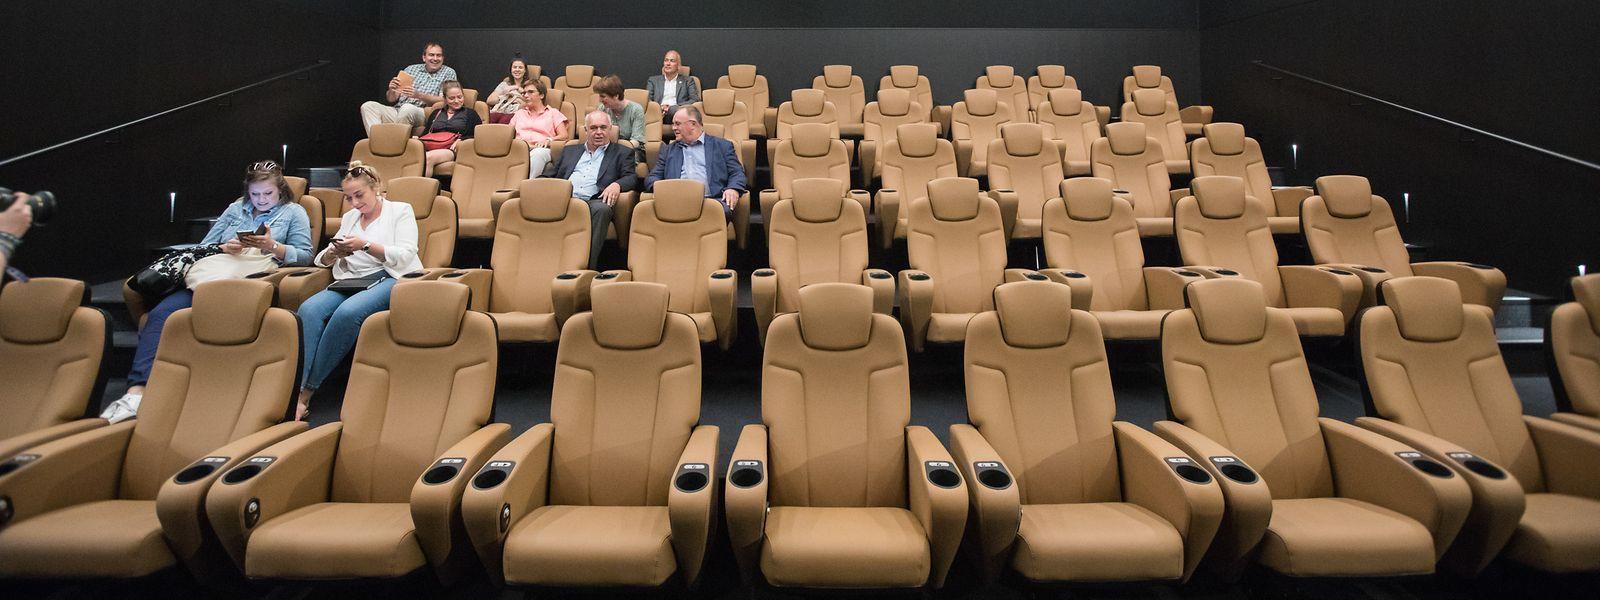 Lokales, Ländliche Entwicklung  Kinoler, Foto: Lex Kleren/Luxemburger Wort